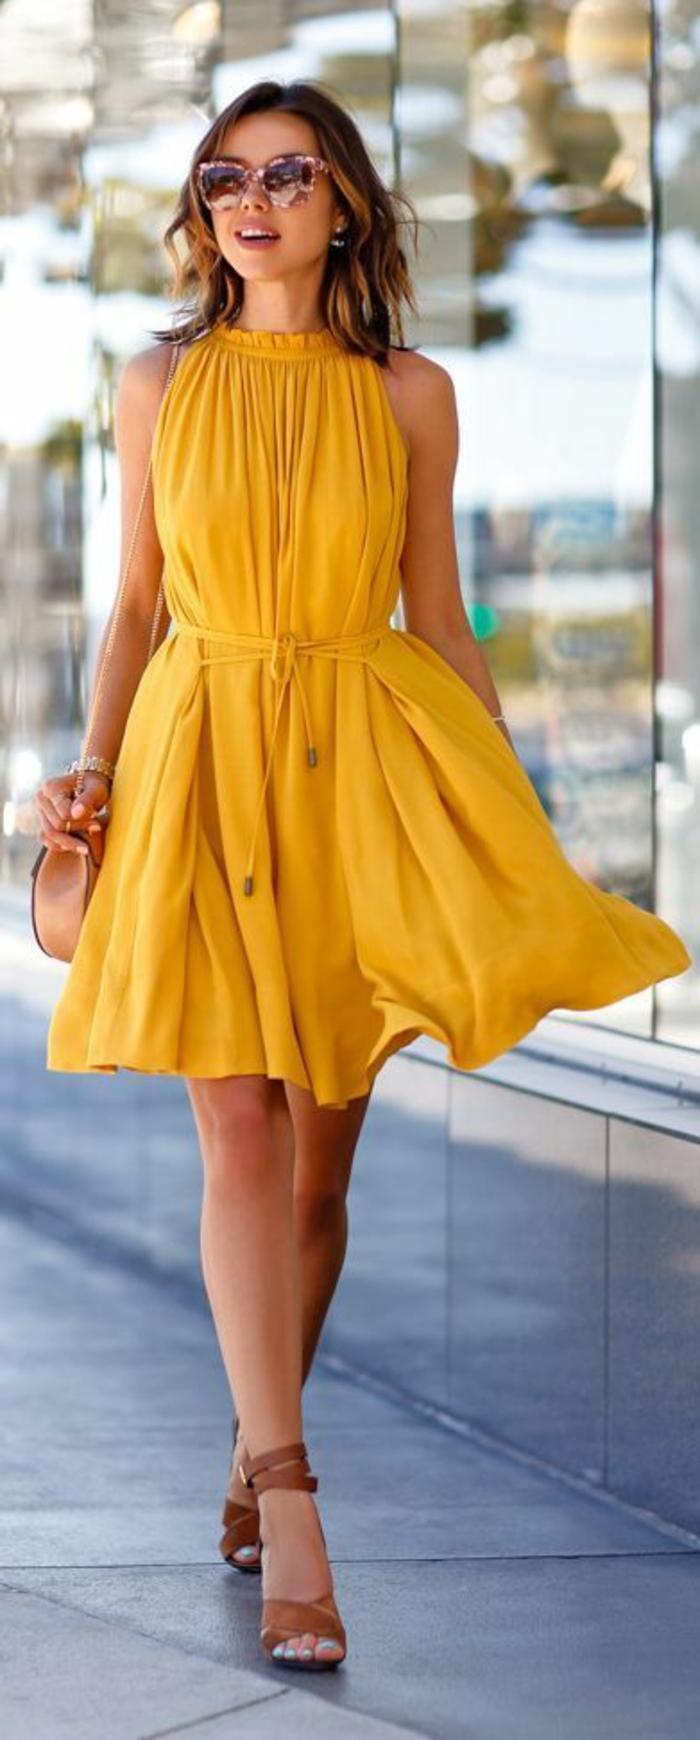 robe-jaune-robe-été-robe-habillée-courte-robe-d-été-jaune-femme-brunette-lunettes-de-soleil